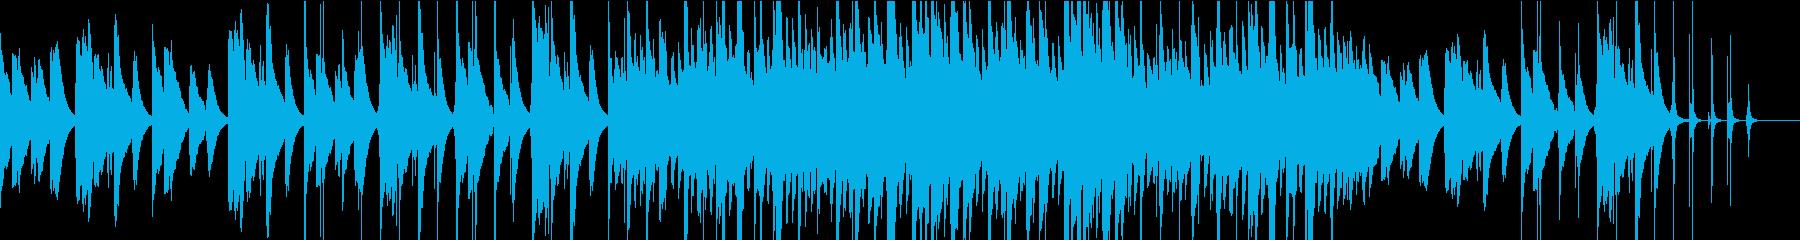 チェレスタ主体のさびしげなバラードの再生済みの波形